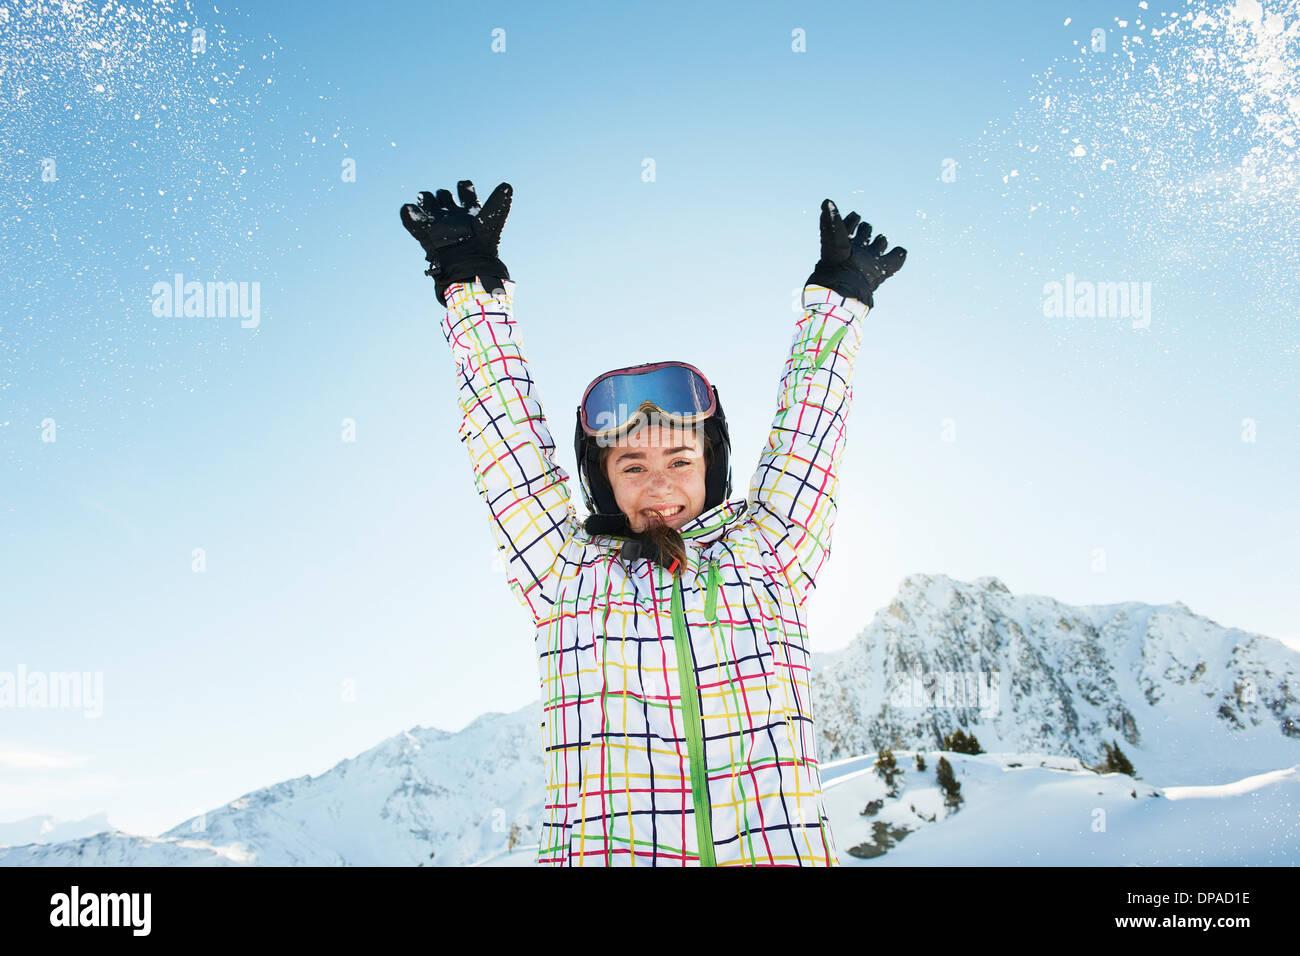 Retrato de una adolescente esquiador con los brazos levantados, Les Arcs, Haute-Savoie, Francia Imagen De Stock